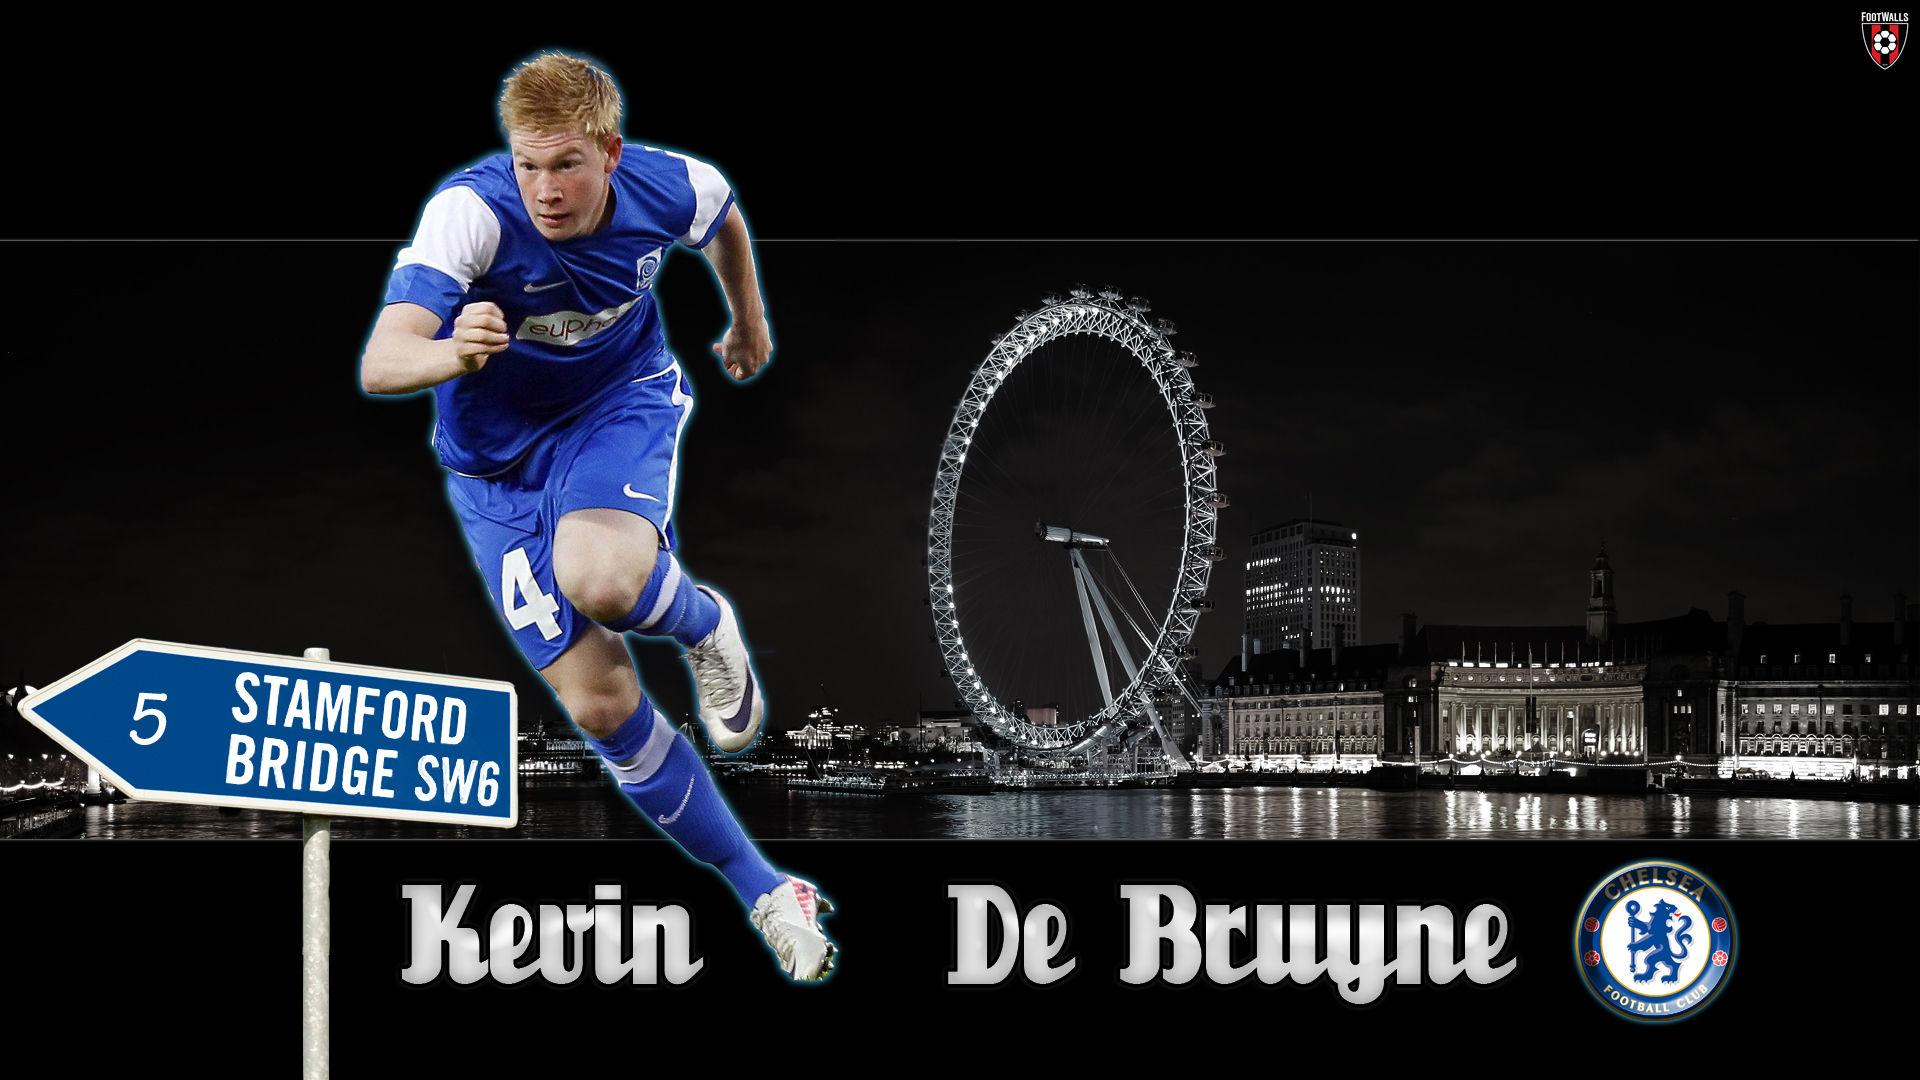 Kevin De Bruyne Chelsea Wallpaper